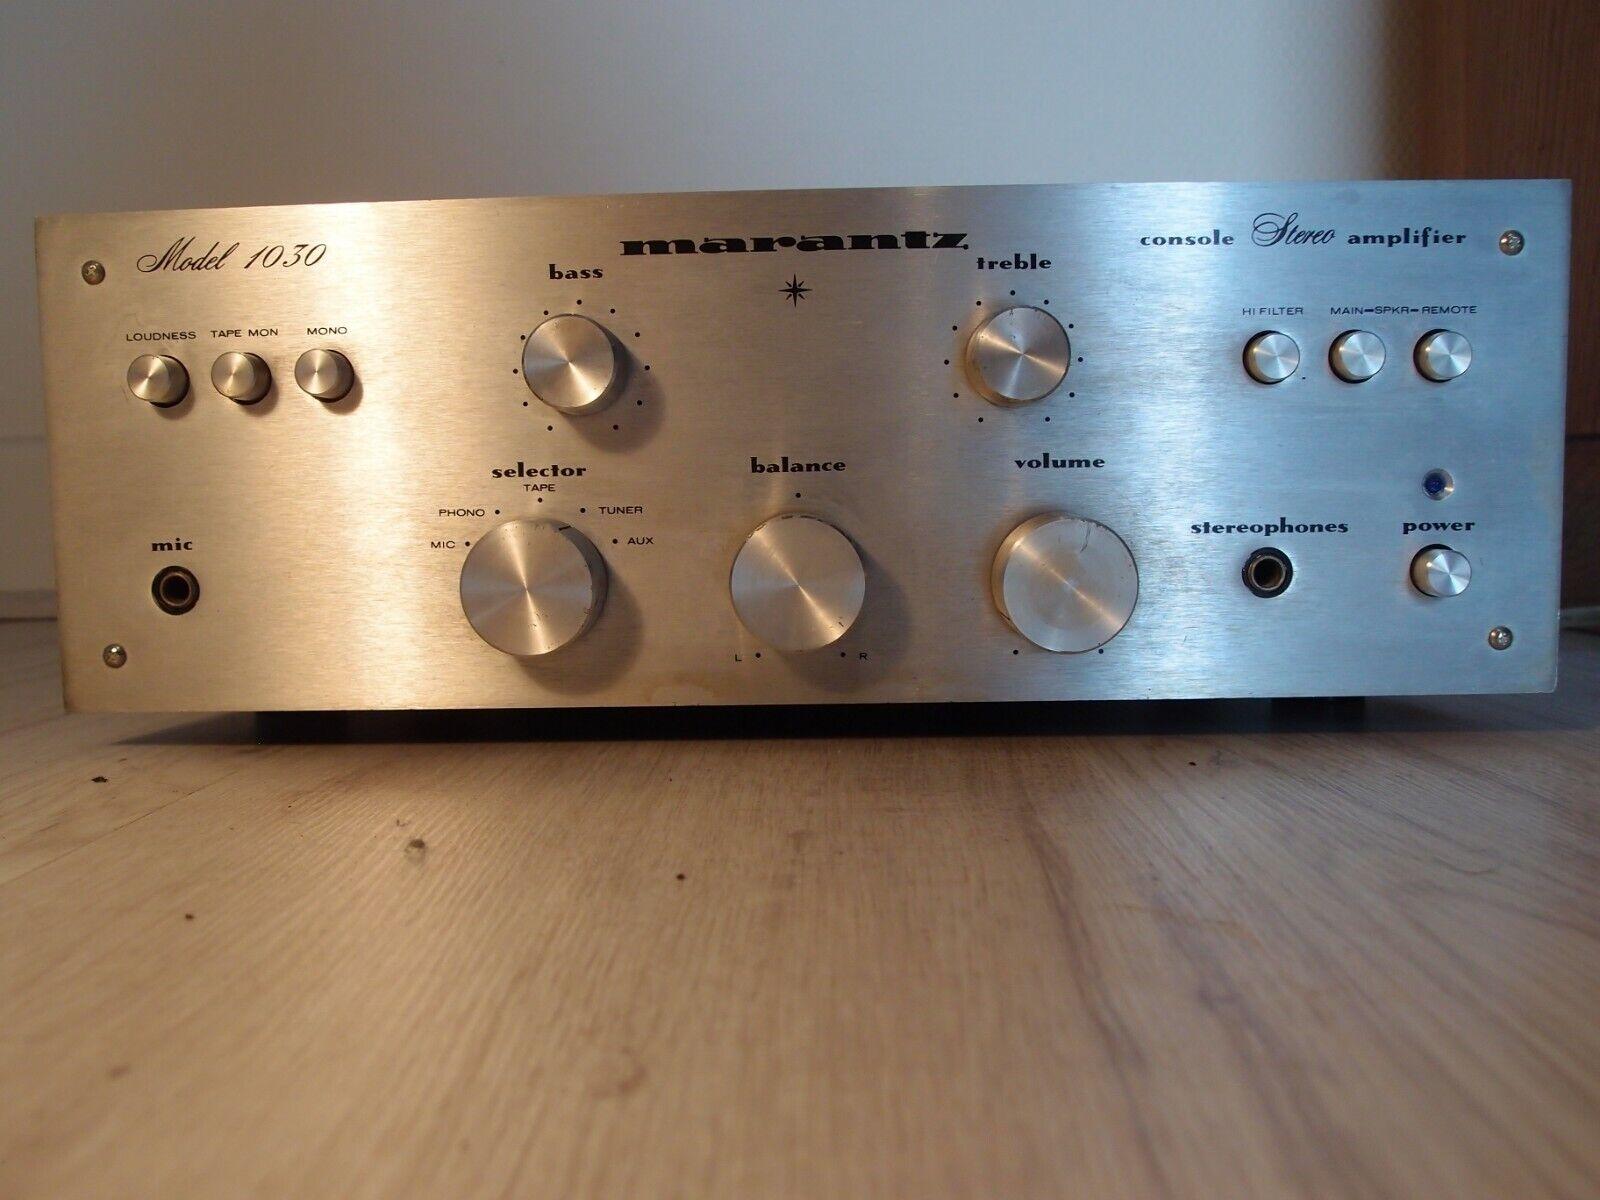 Amplificateur hifi vintage marantz 1030 ampli stéréo années 70